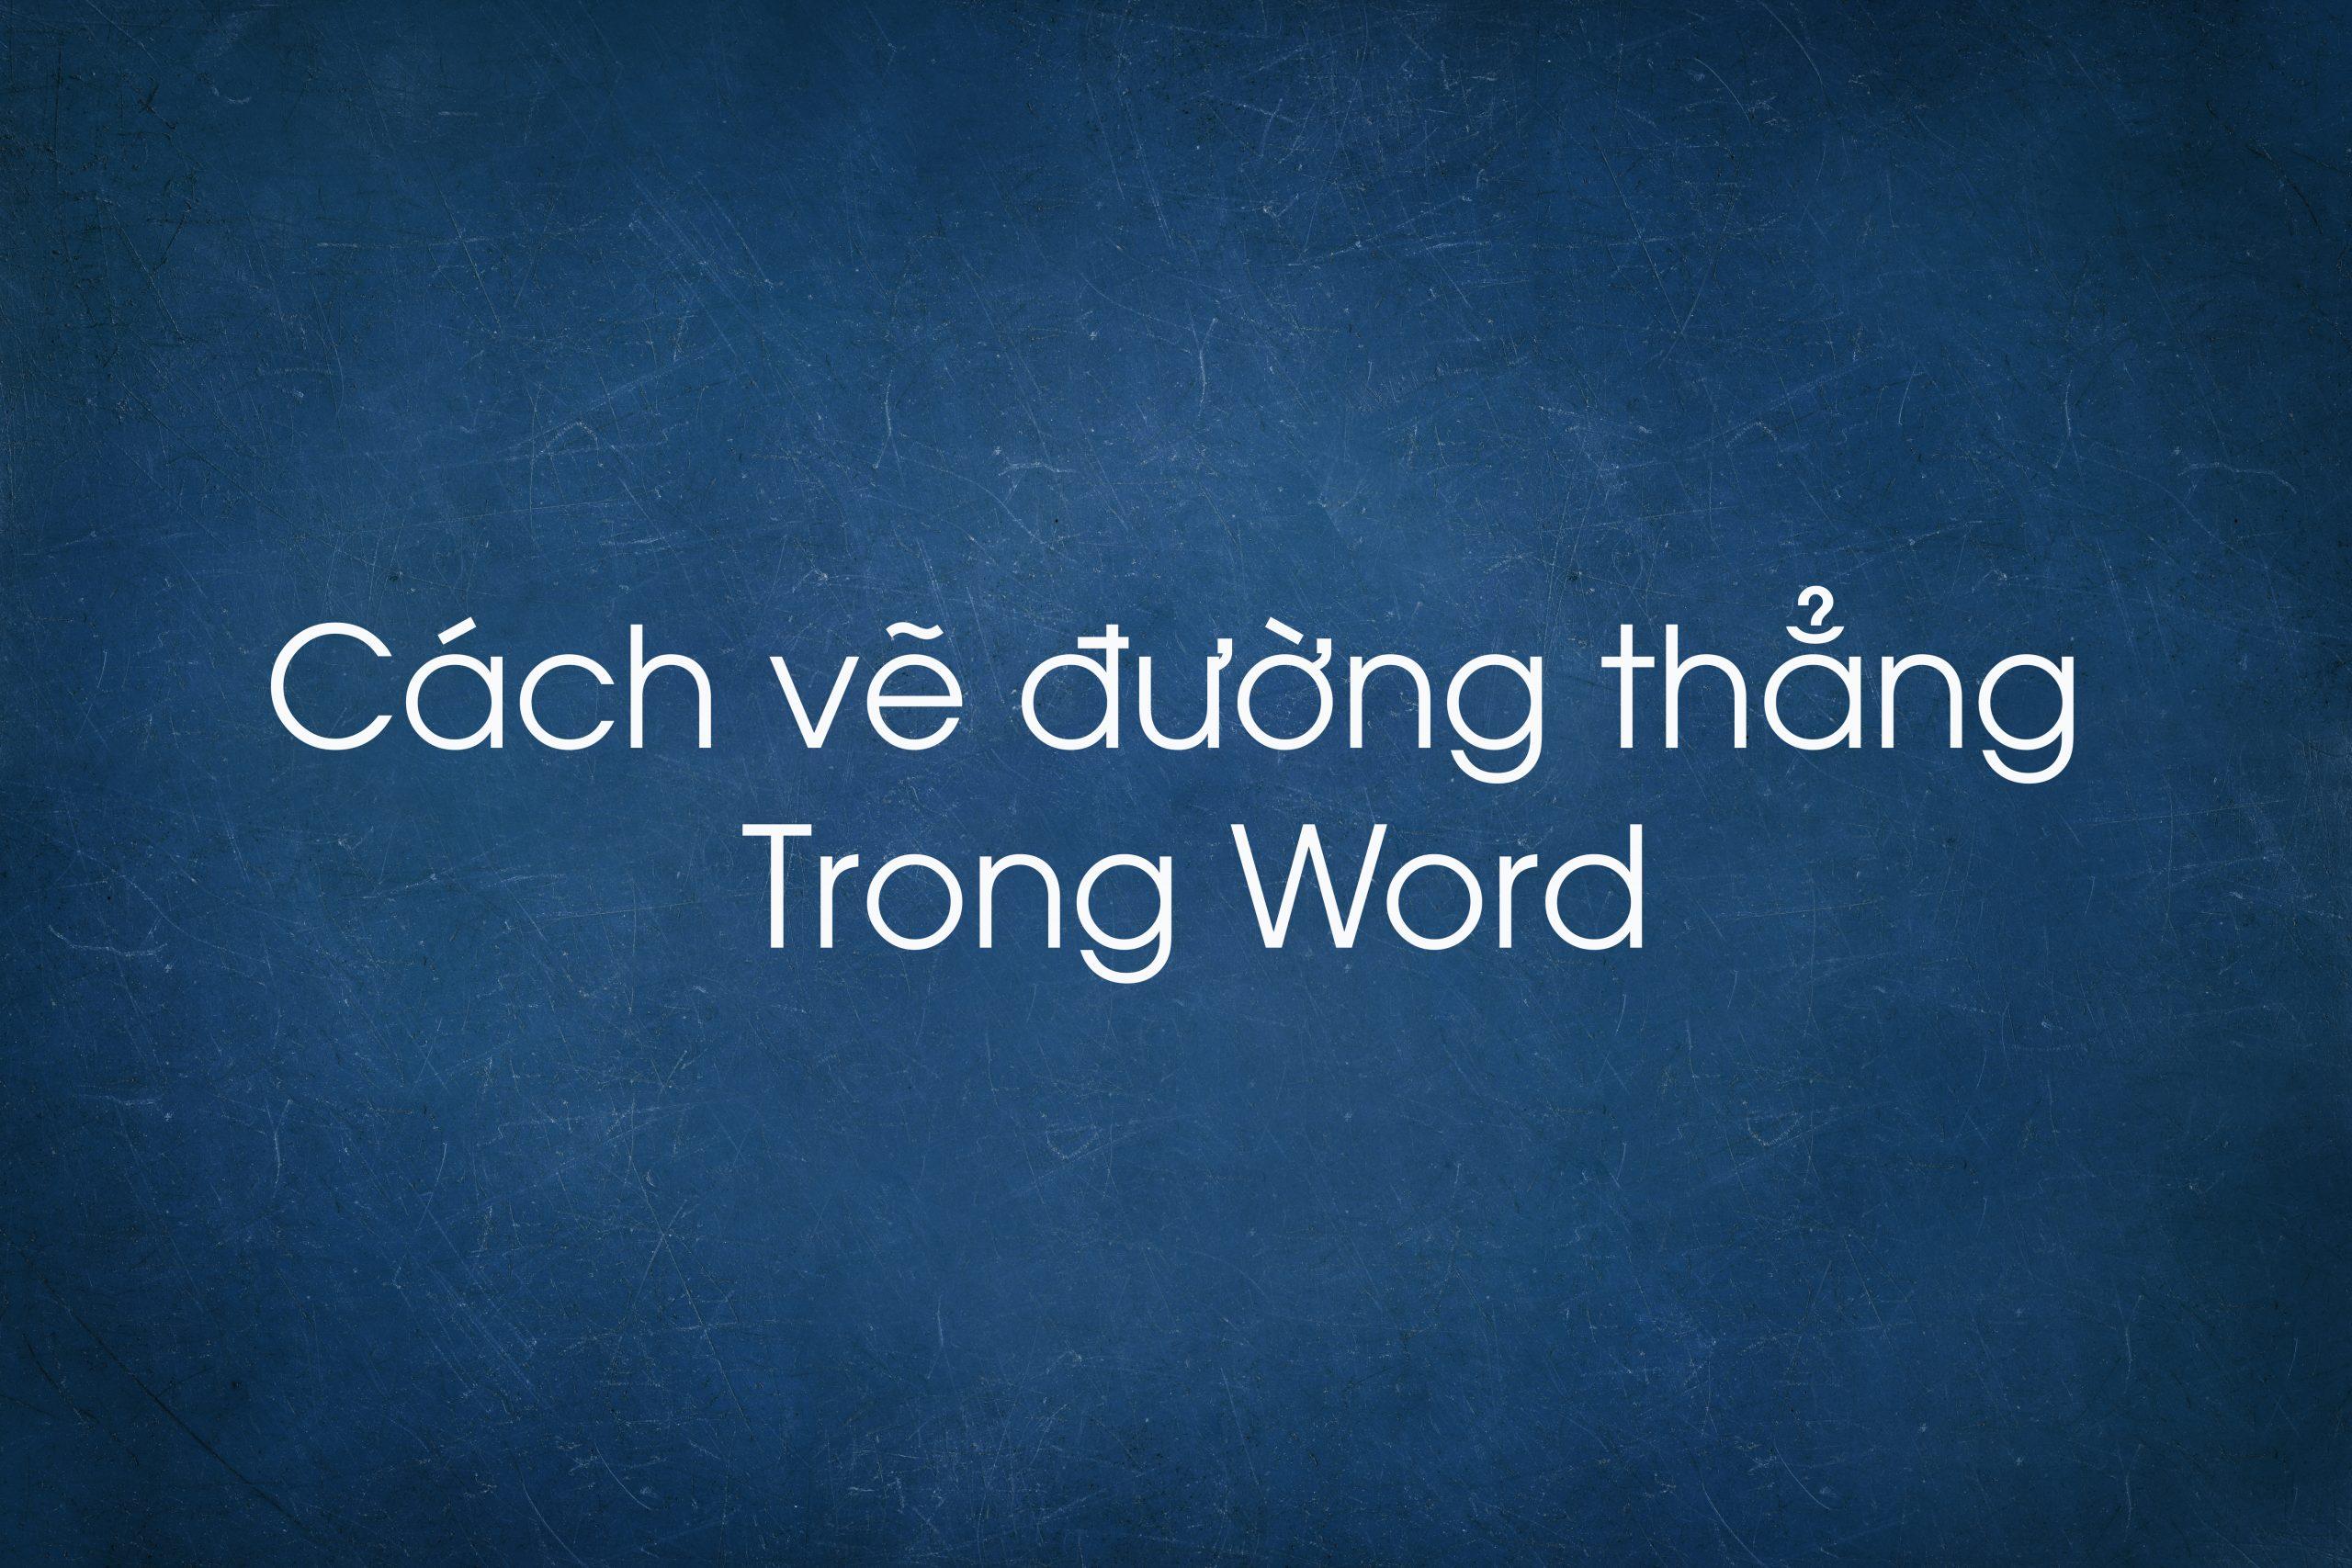 Kẻ đường thẳng trong Word